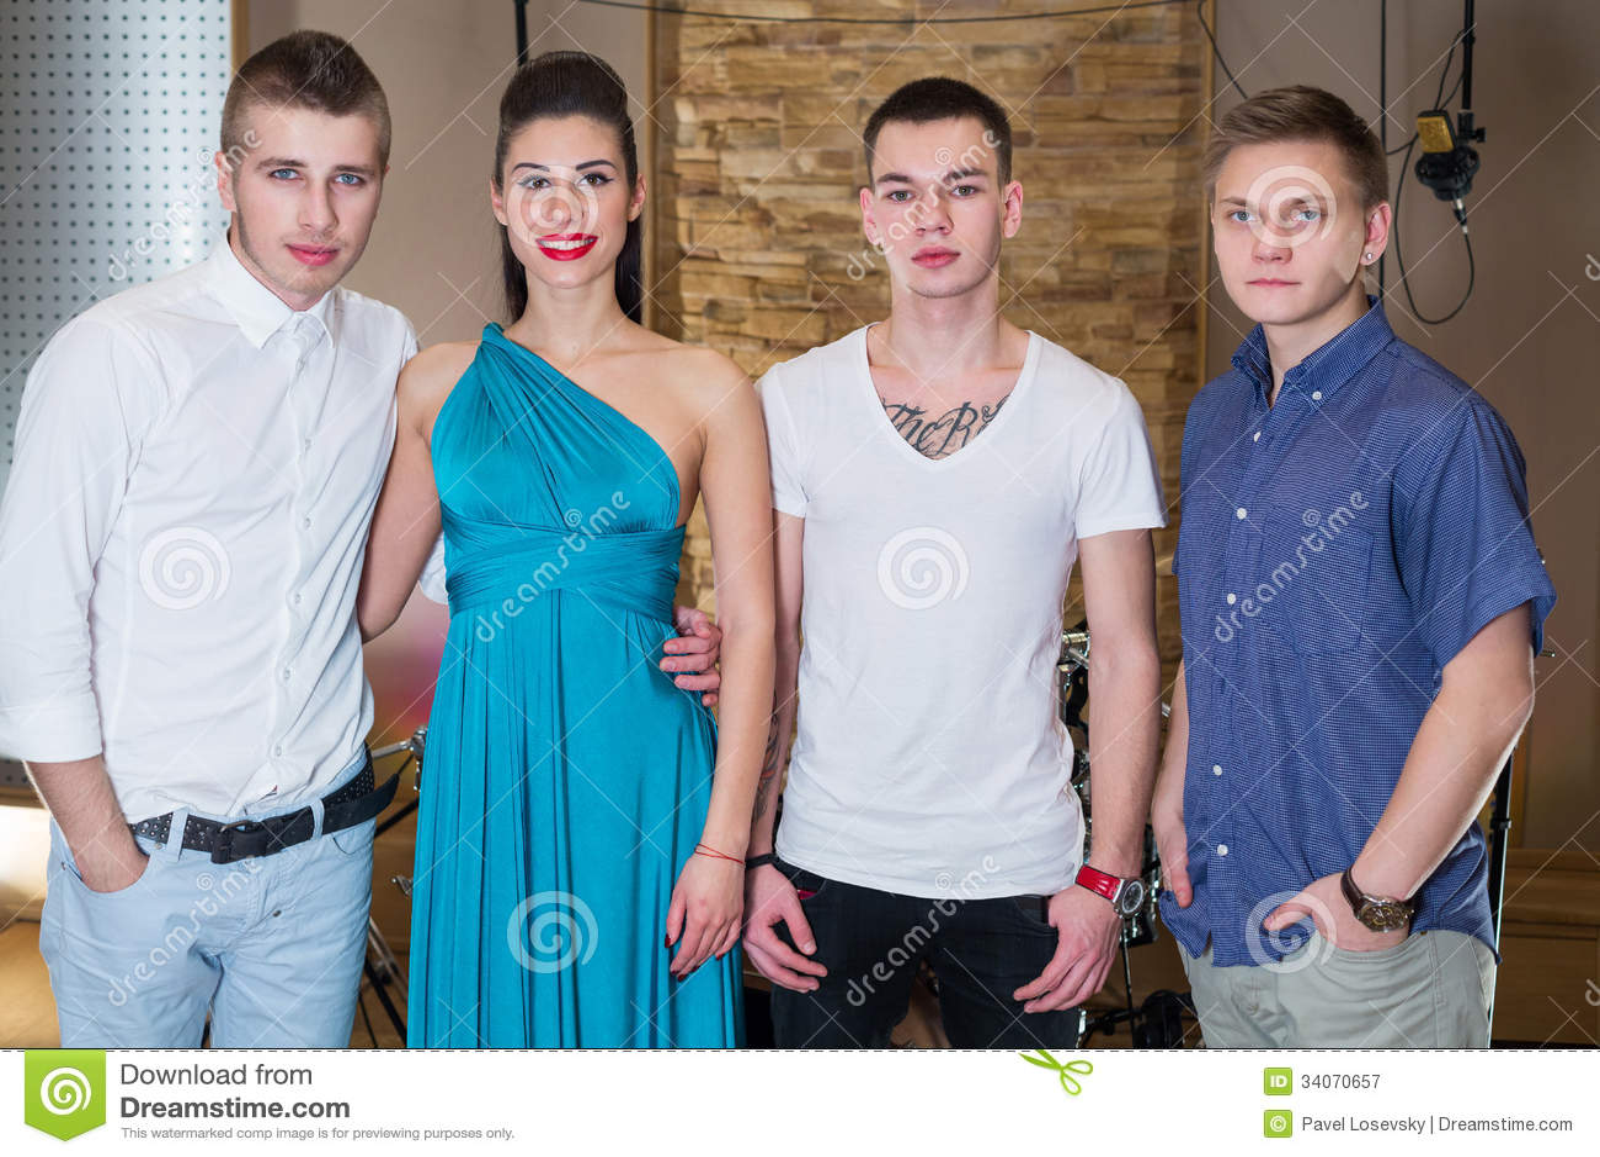 Три парня и девушка фото 44-921